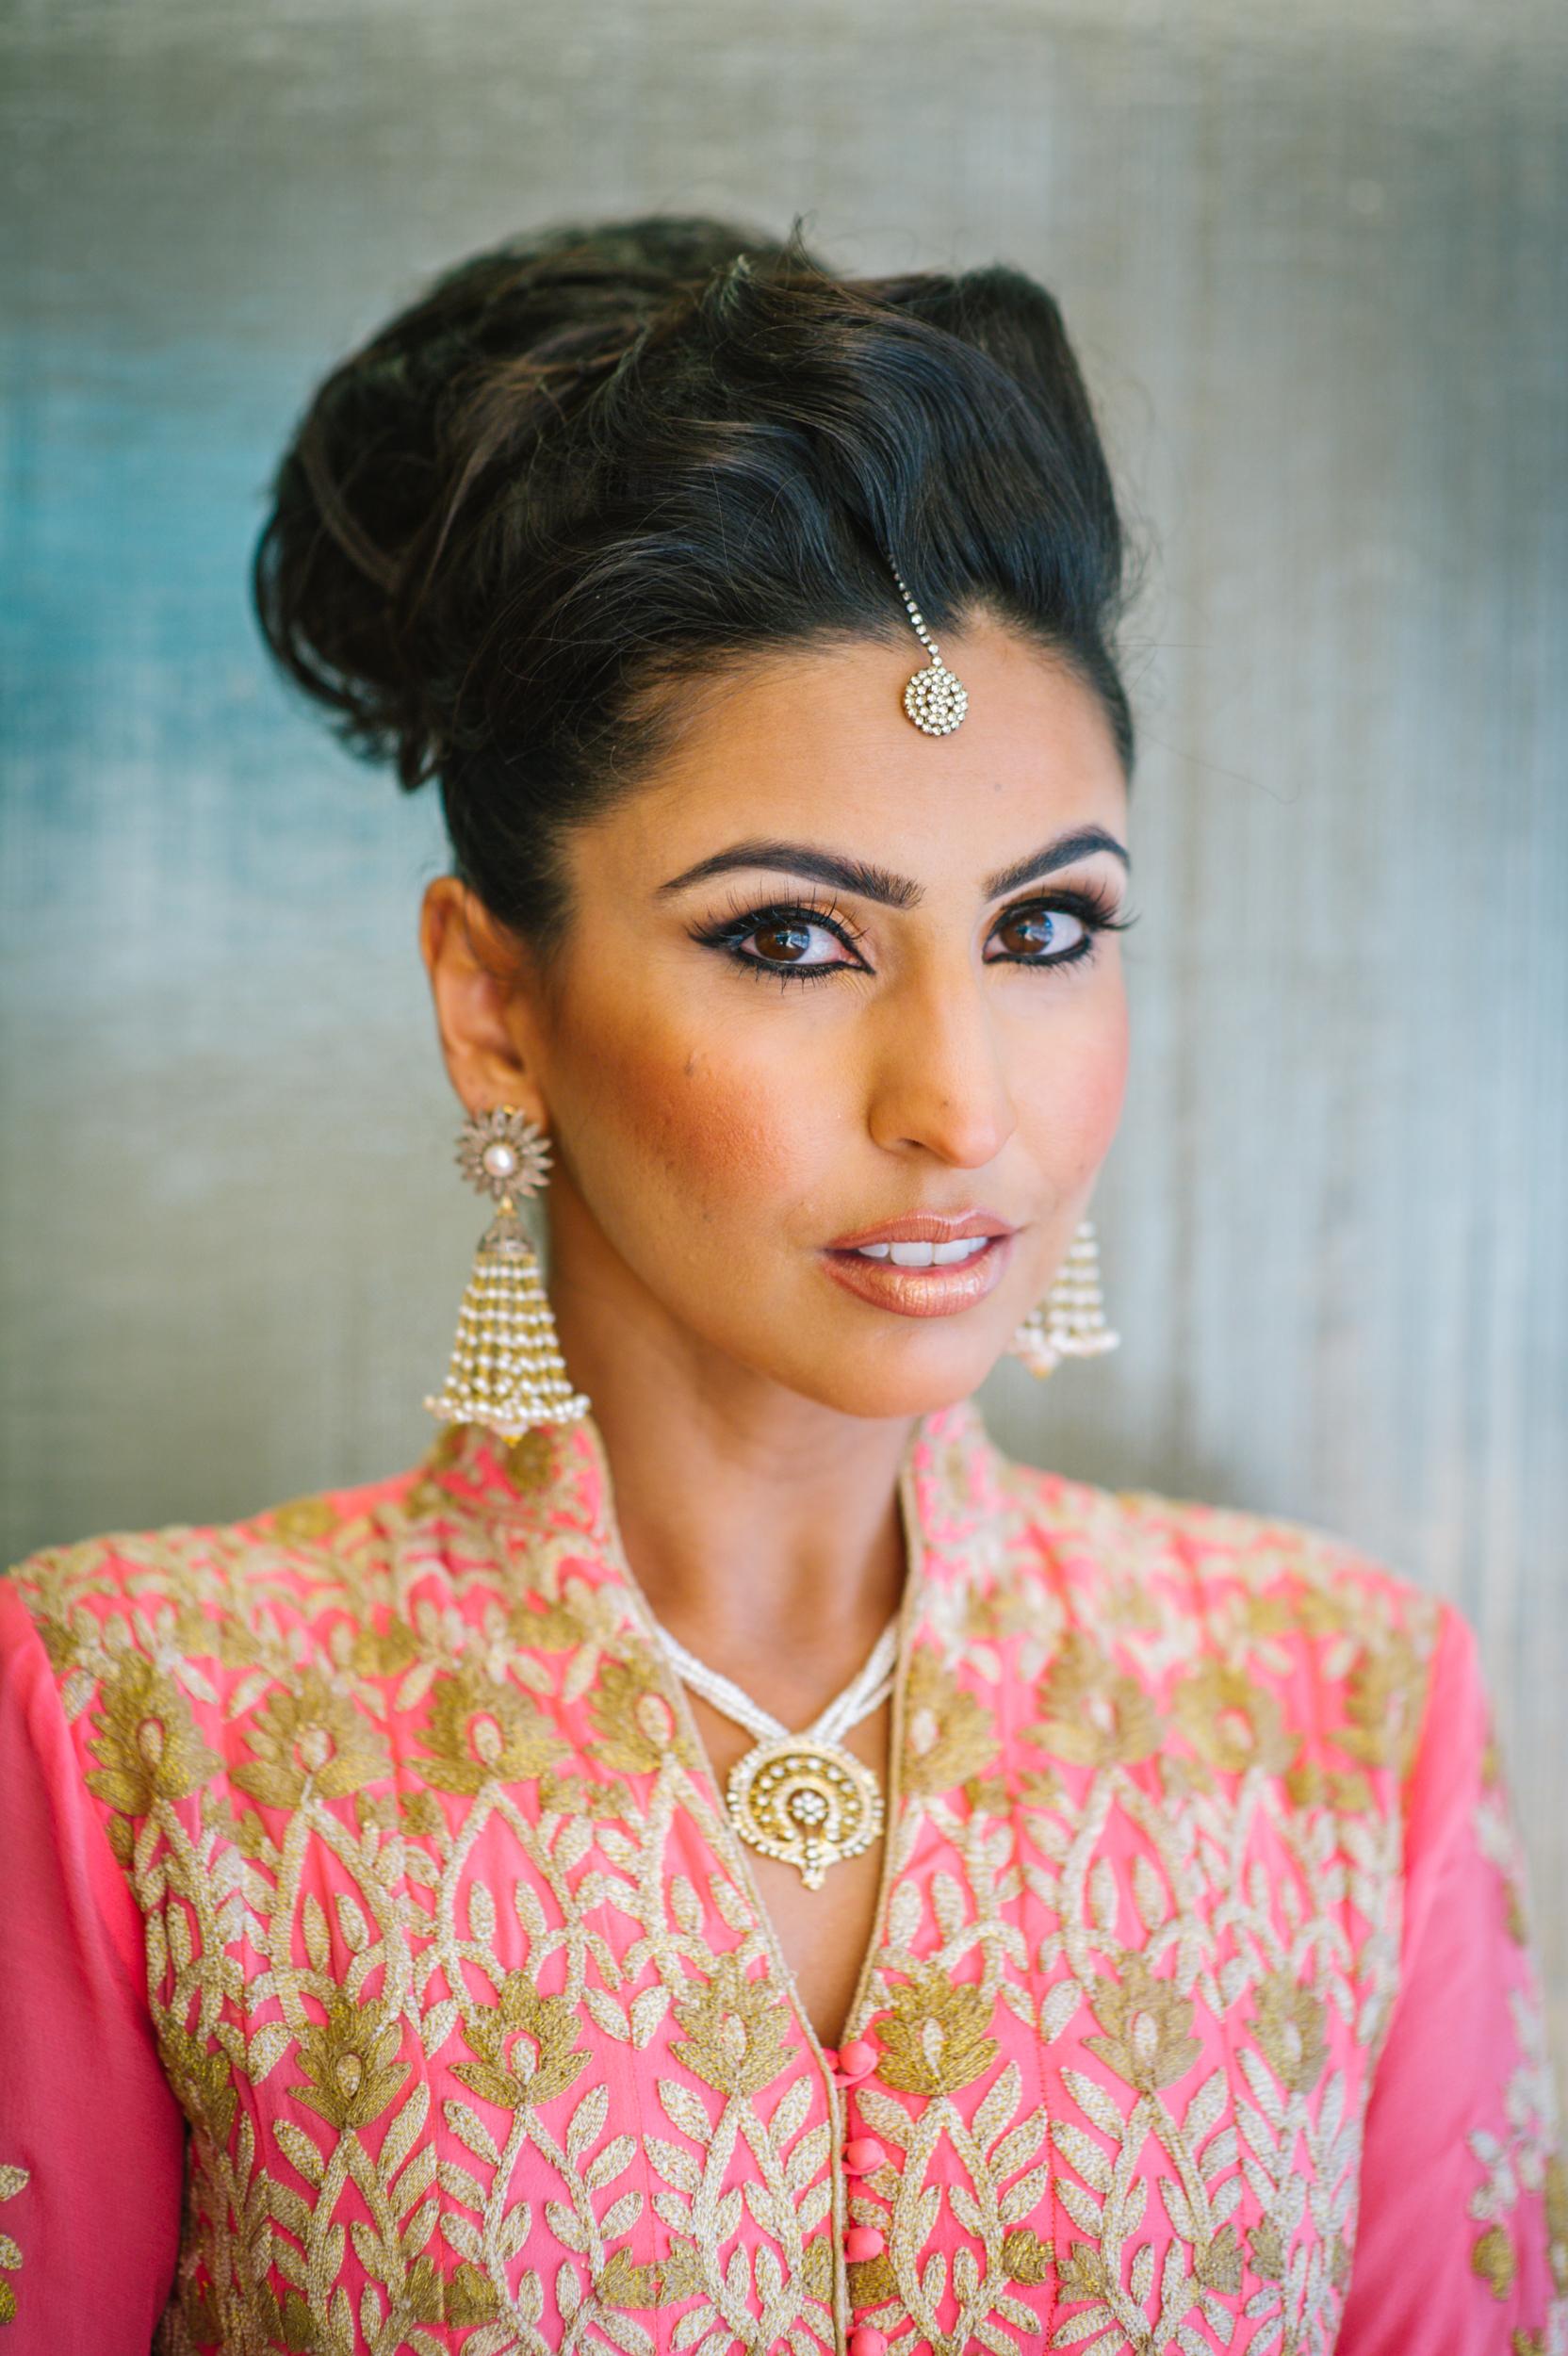 JKP_Indian_Weddings_0119.JPG